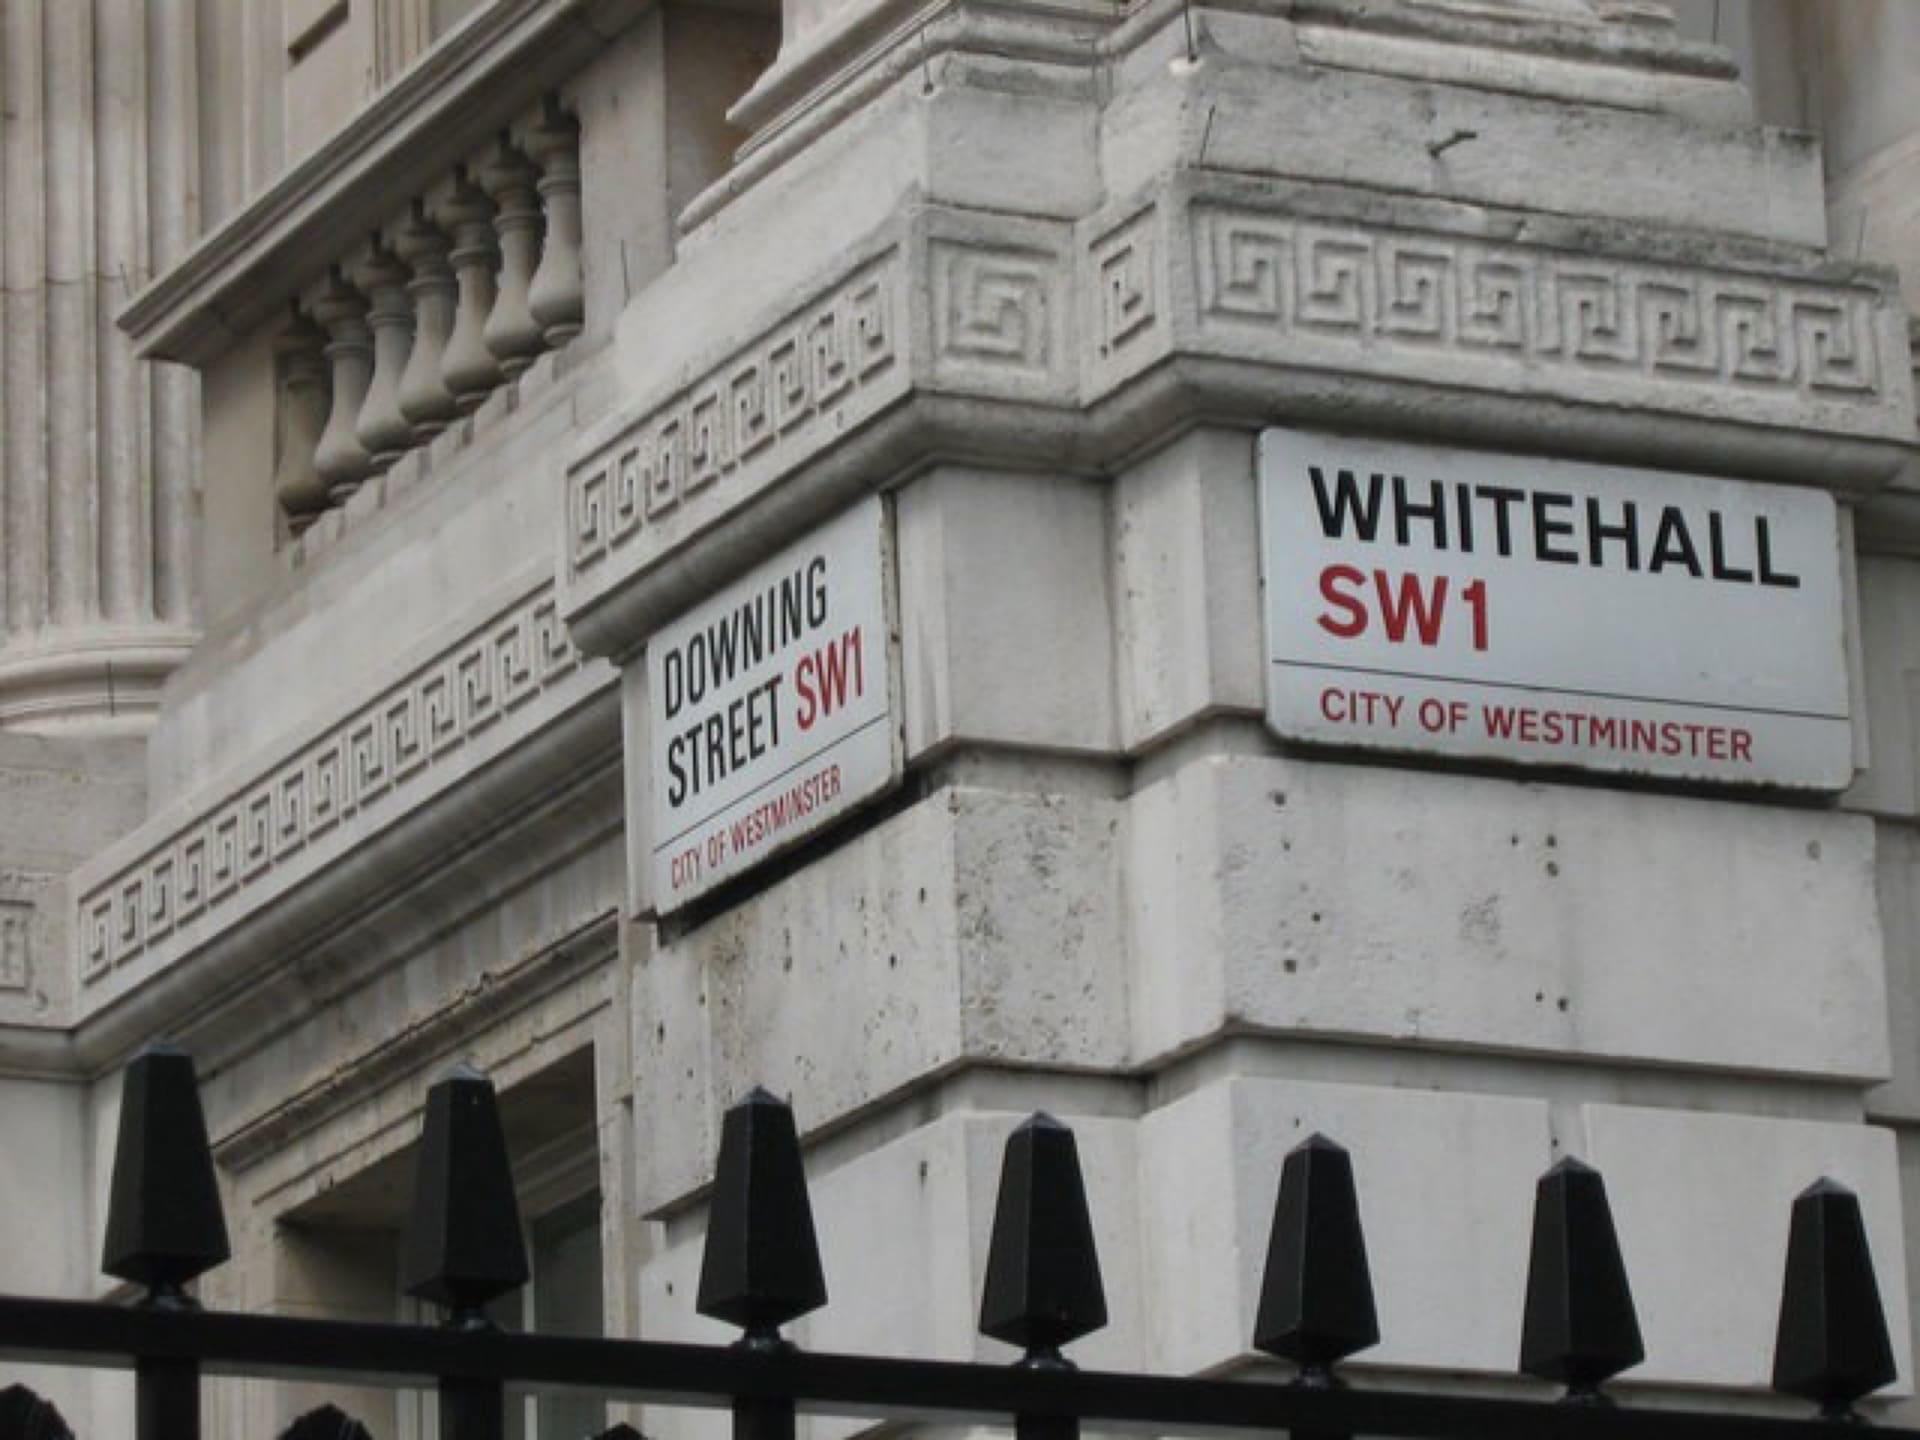 Whitehall UK street sign